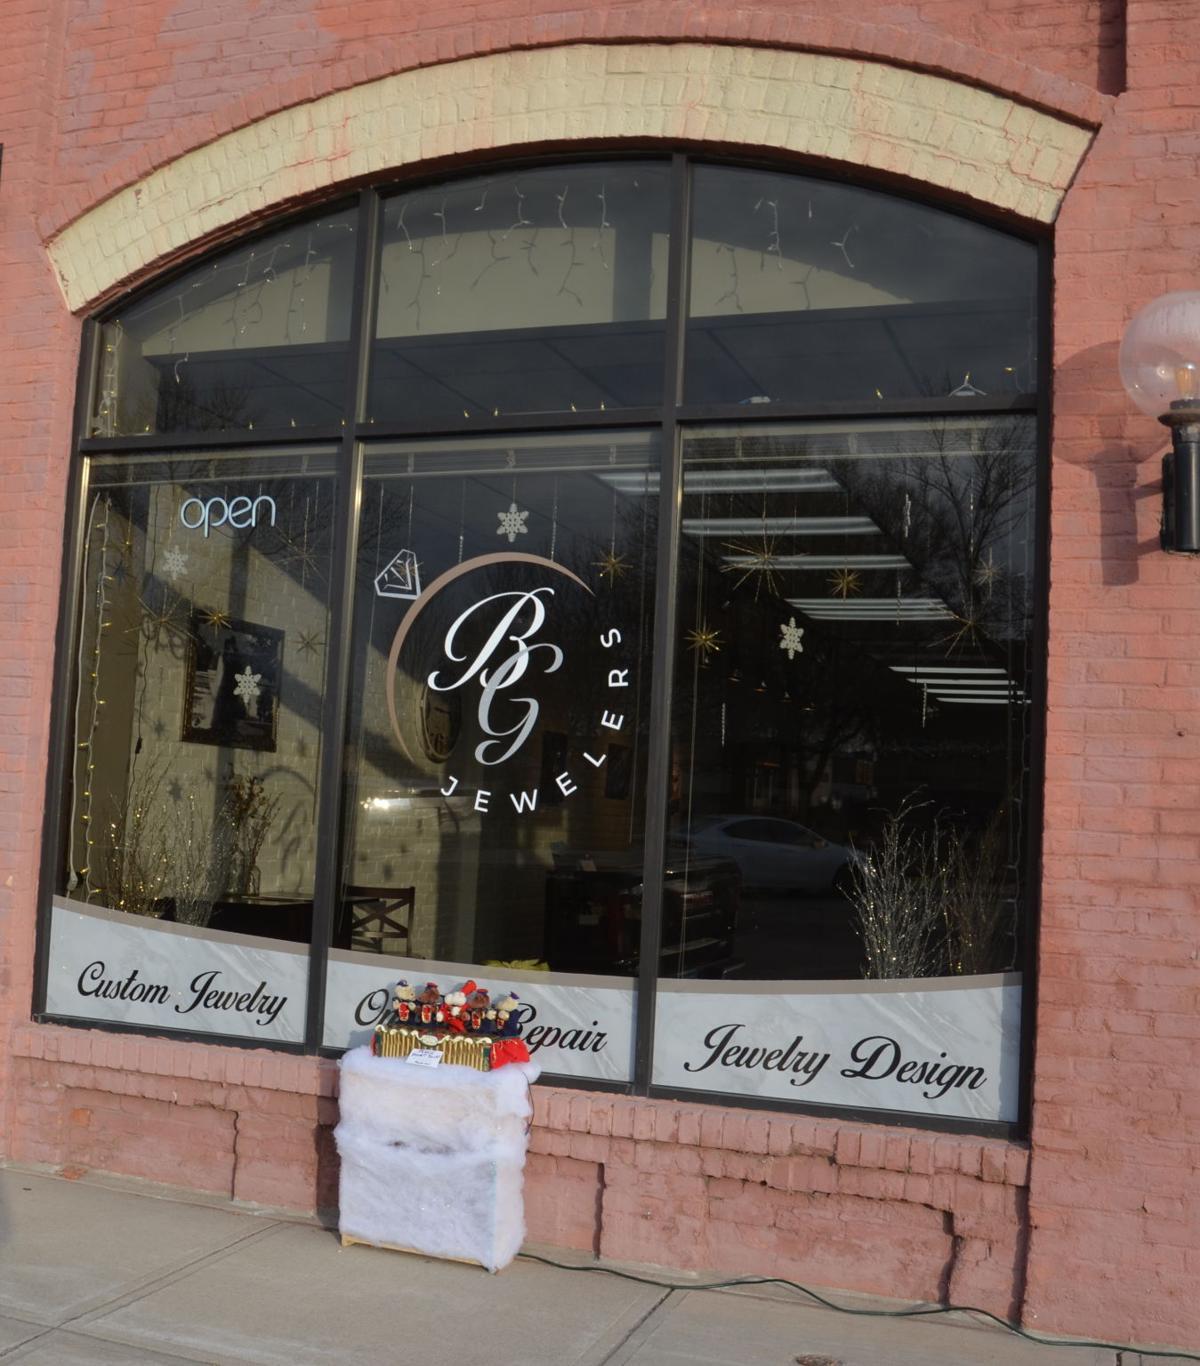 BG Jewelry storefront